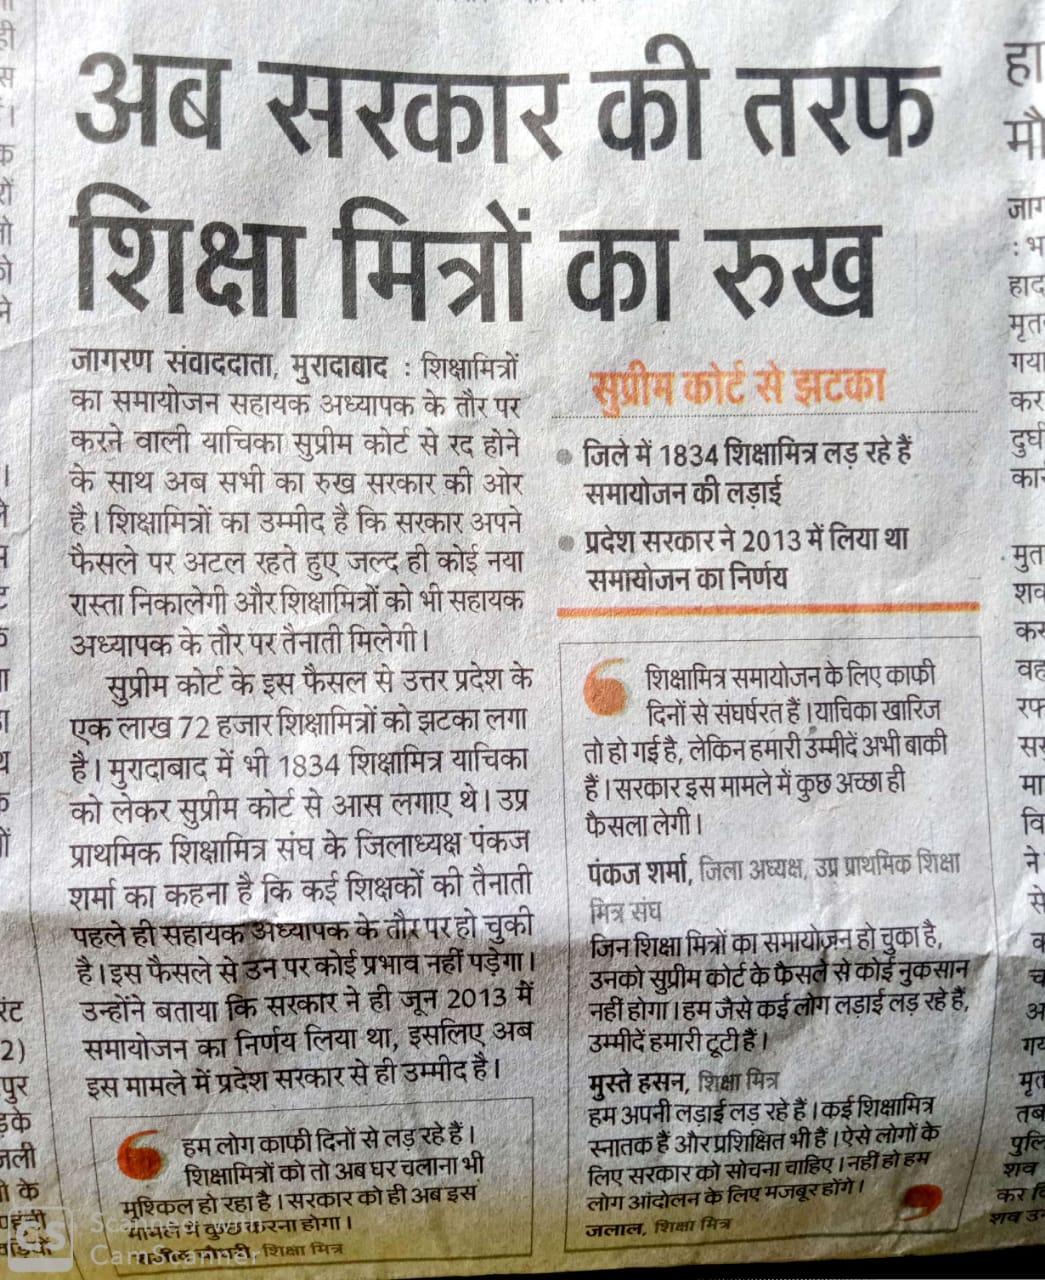 shiksha mitra latest news सुप्रीम कोर्ट से झटका मिलने के बाद,अब up government की तरफ किया शिक्षामित्रों ने रुख